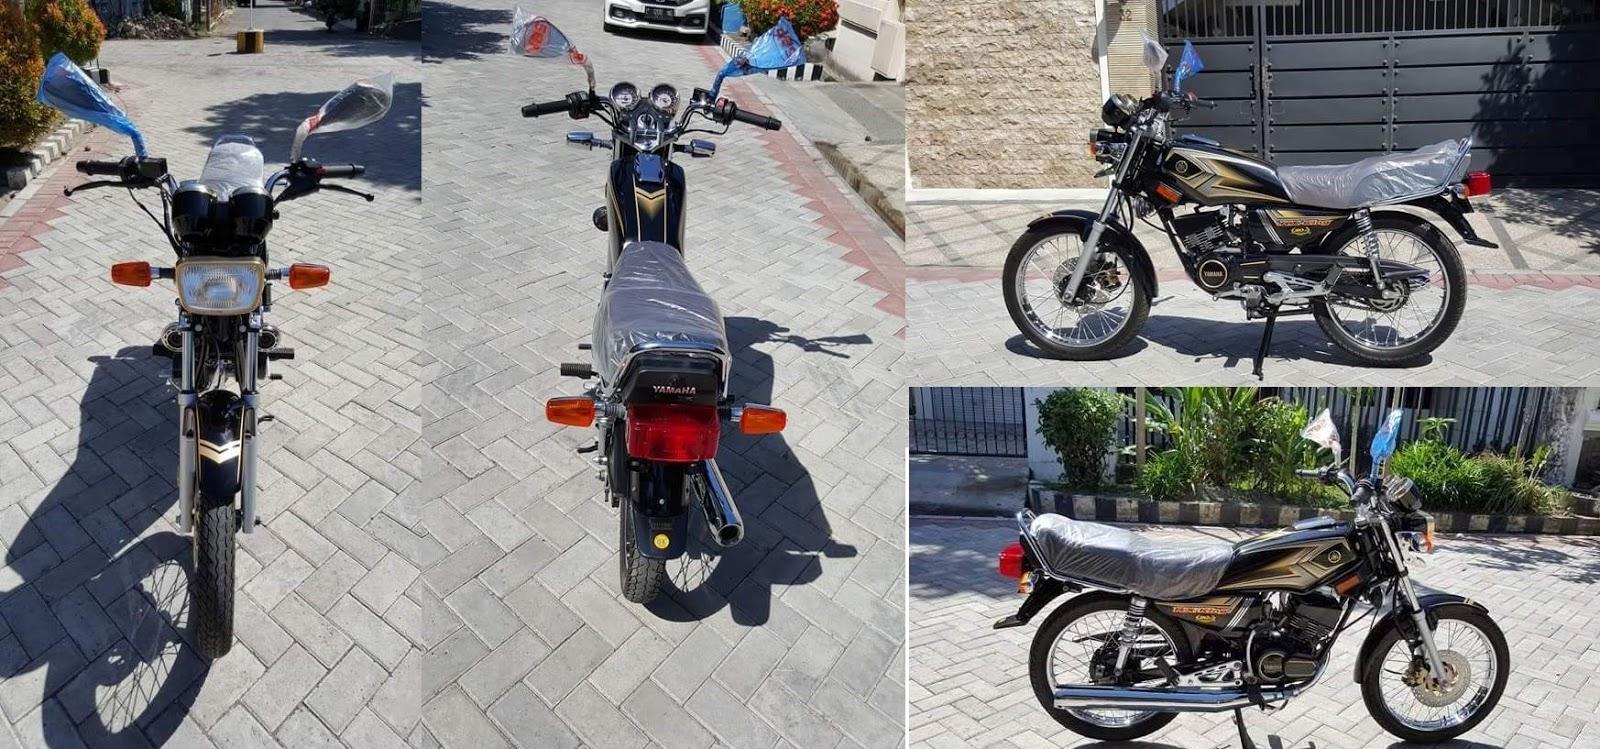 Percaya Atau Tidak Ternyata Masih Ada Yamaha RX King 2003 Ini